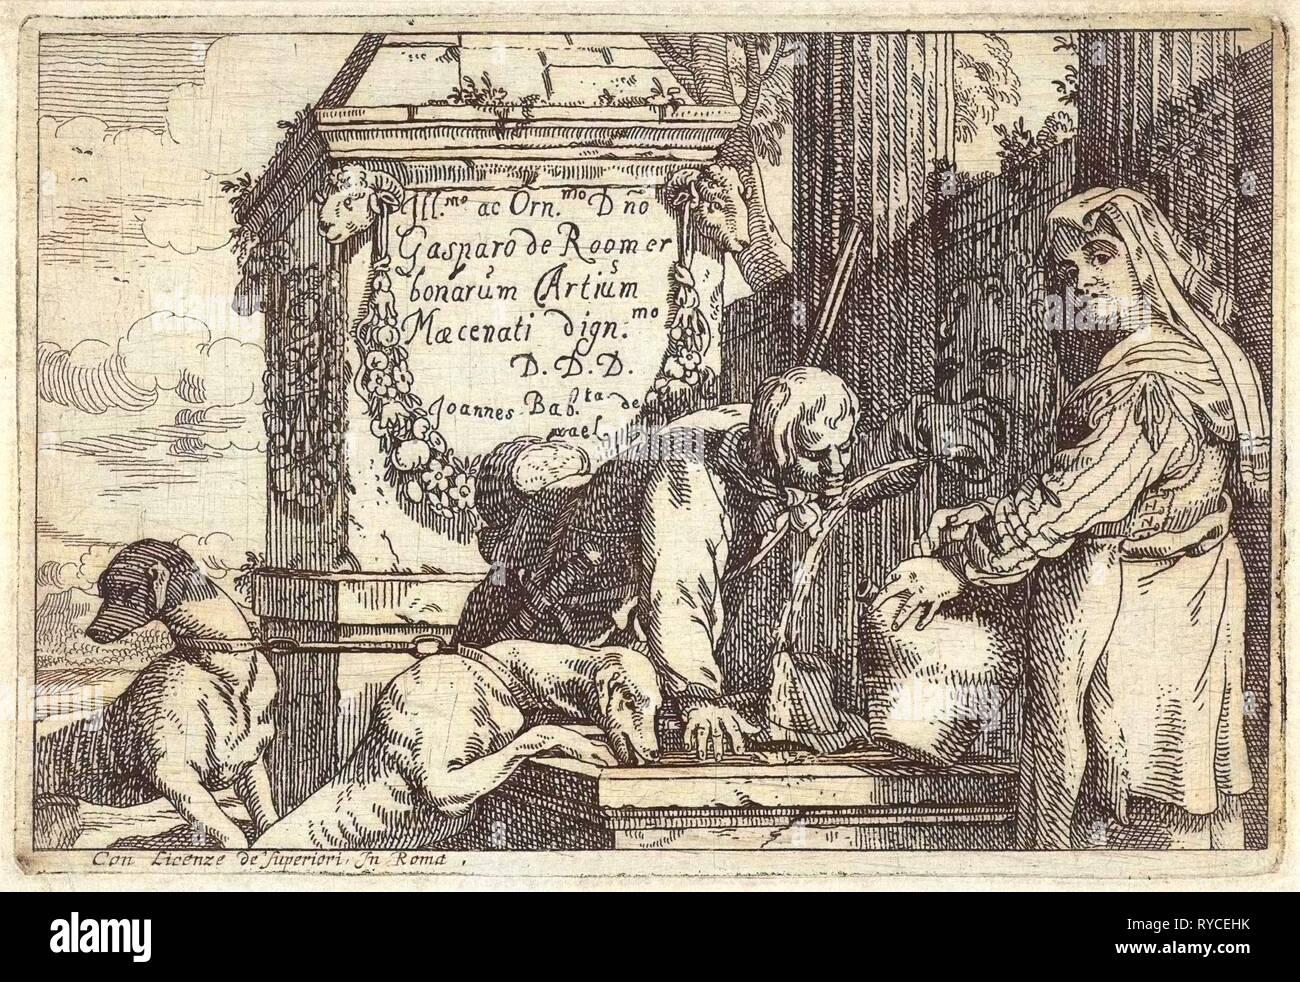 Hunter drinks from fountain, Jan Baptist de Wael, unknown, 1642 - 1669 - Stock Image